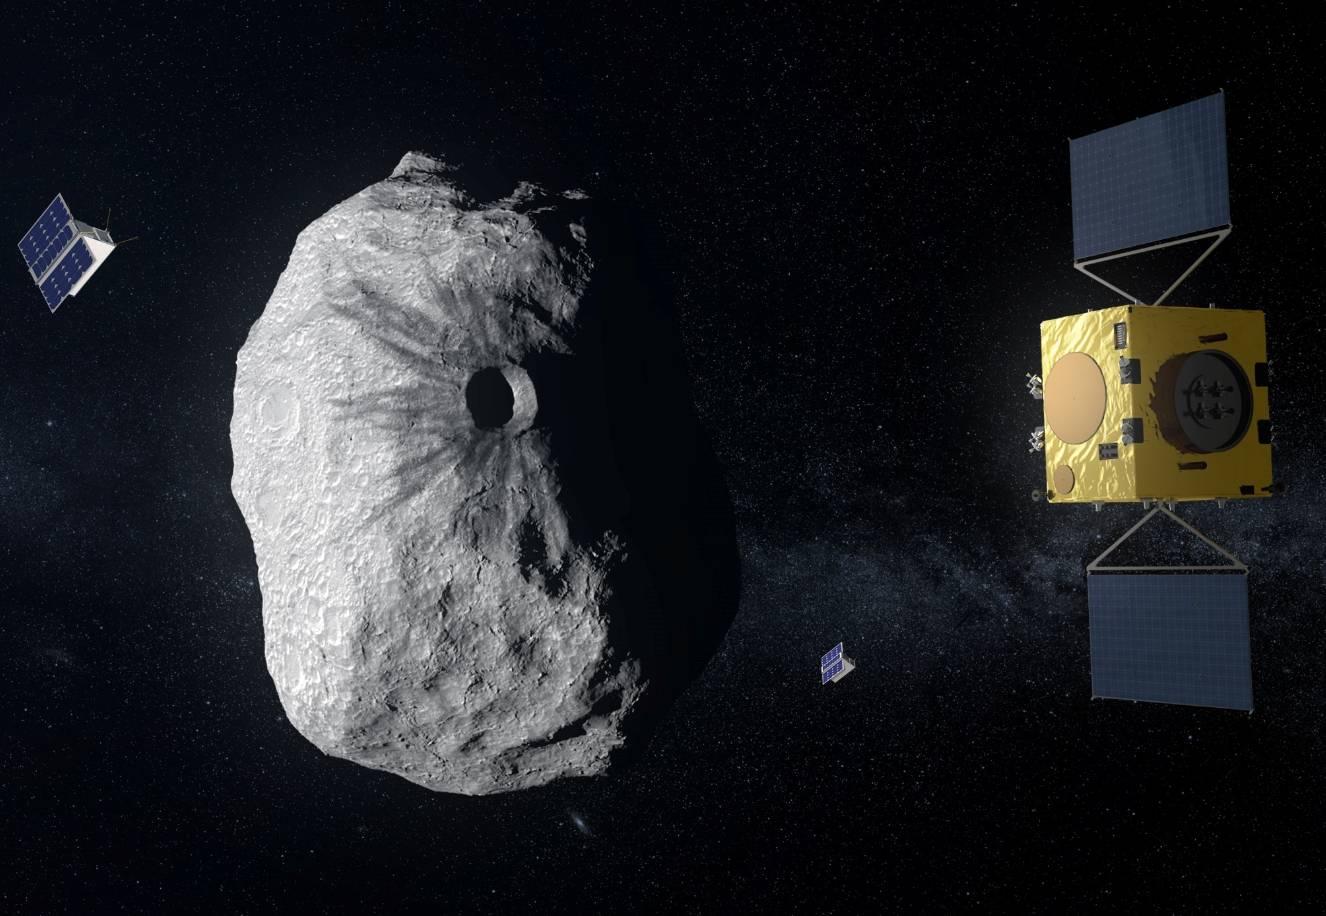 Японский зонд Hayabusa2 успешно добился второй посадки на астероид